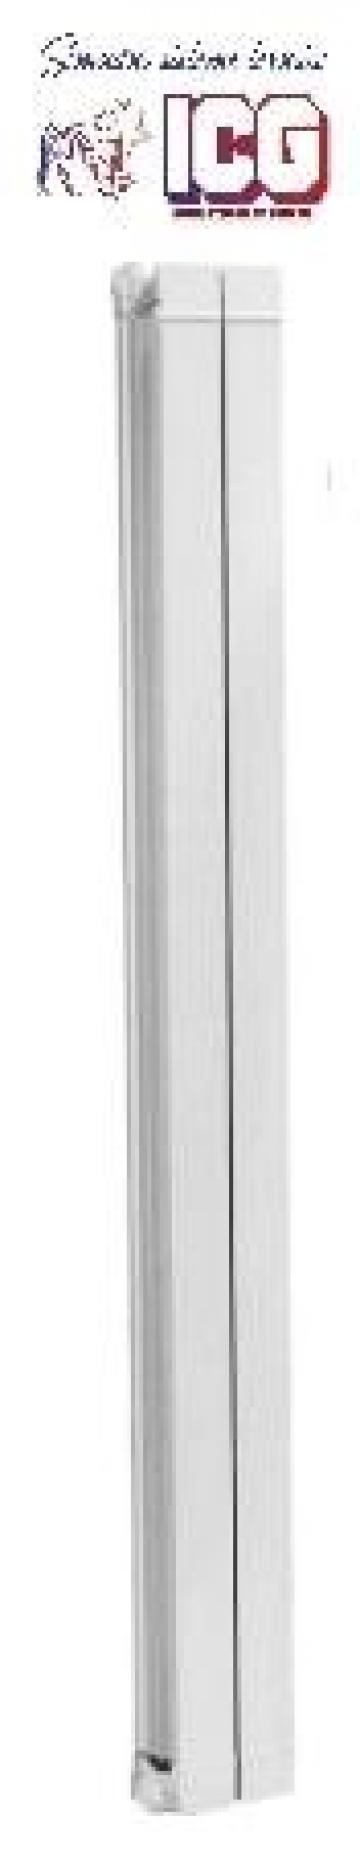 Radiator aluminiu TAL 1600 x 2 elementi, 695 W, Ferroli